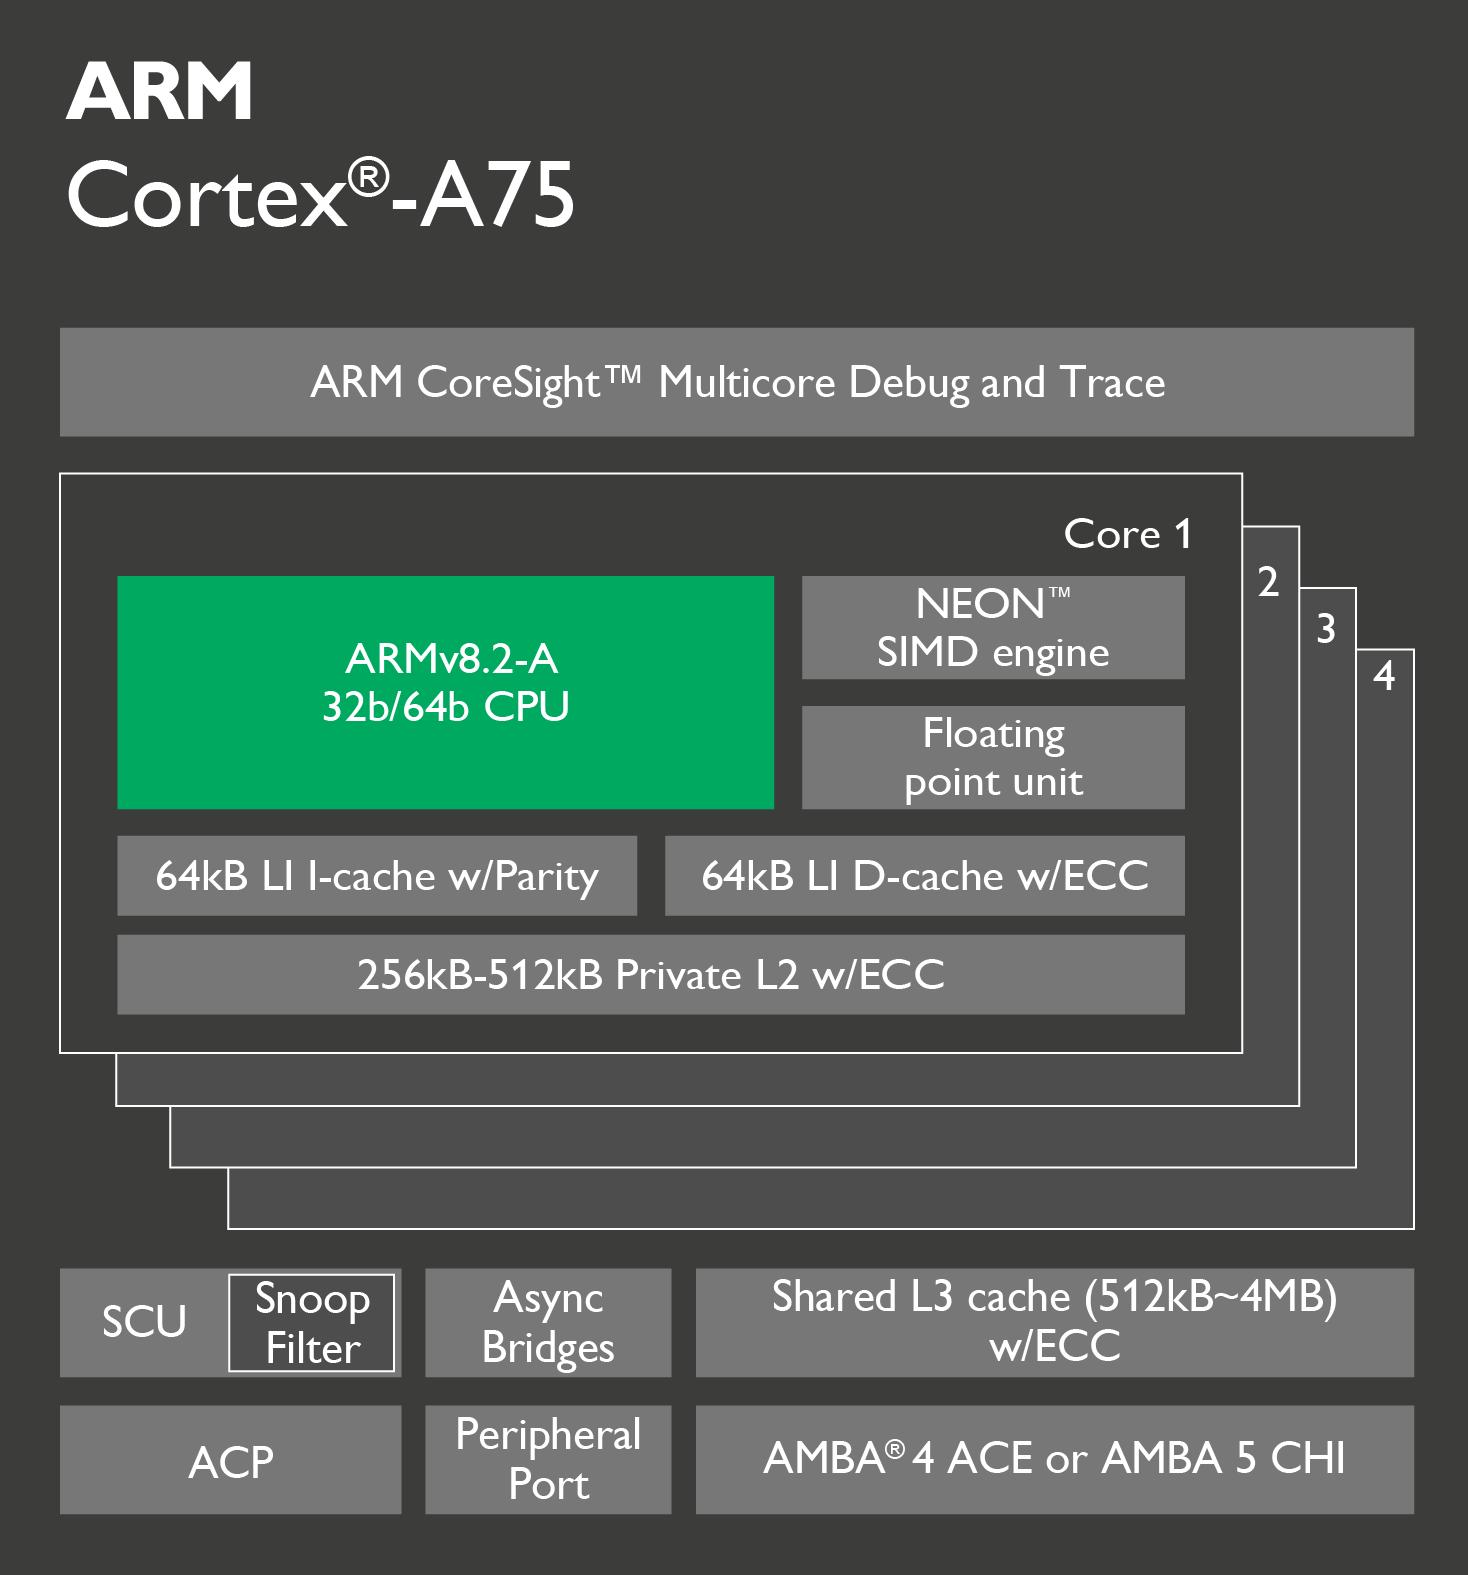 ARM Cortex A75 vs Cortex A72